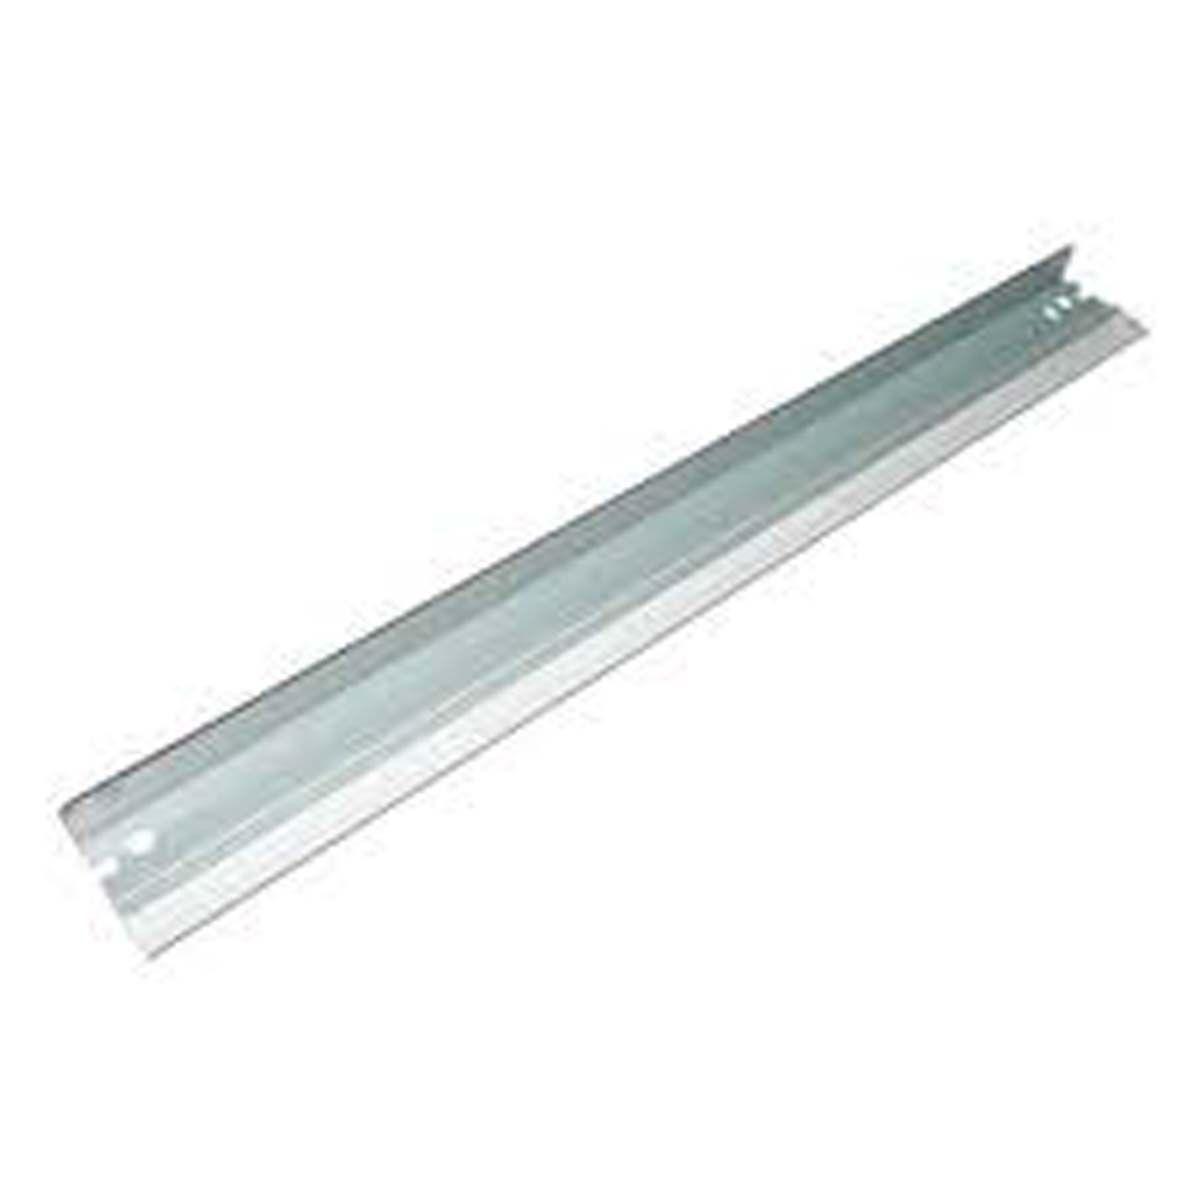 Lamina Limpeza Wiper Blade HP CE505 CE505A CE505X P2035 P2055